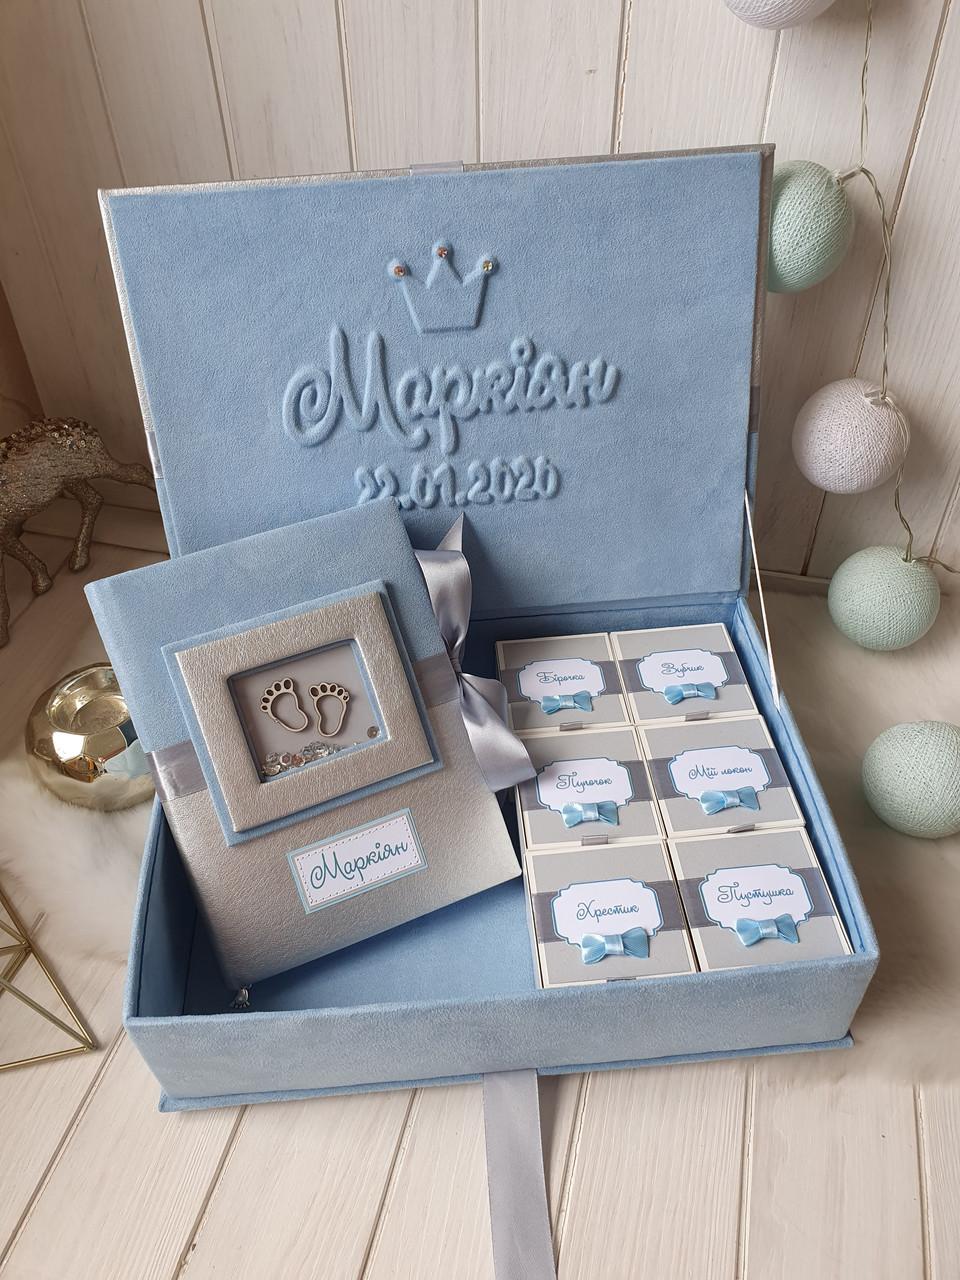 """Шкатулка для новорожденных """"Мамины сокровища"""" с фотоальбомом и коробочками для памятных вещей"""